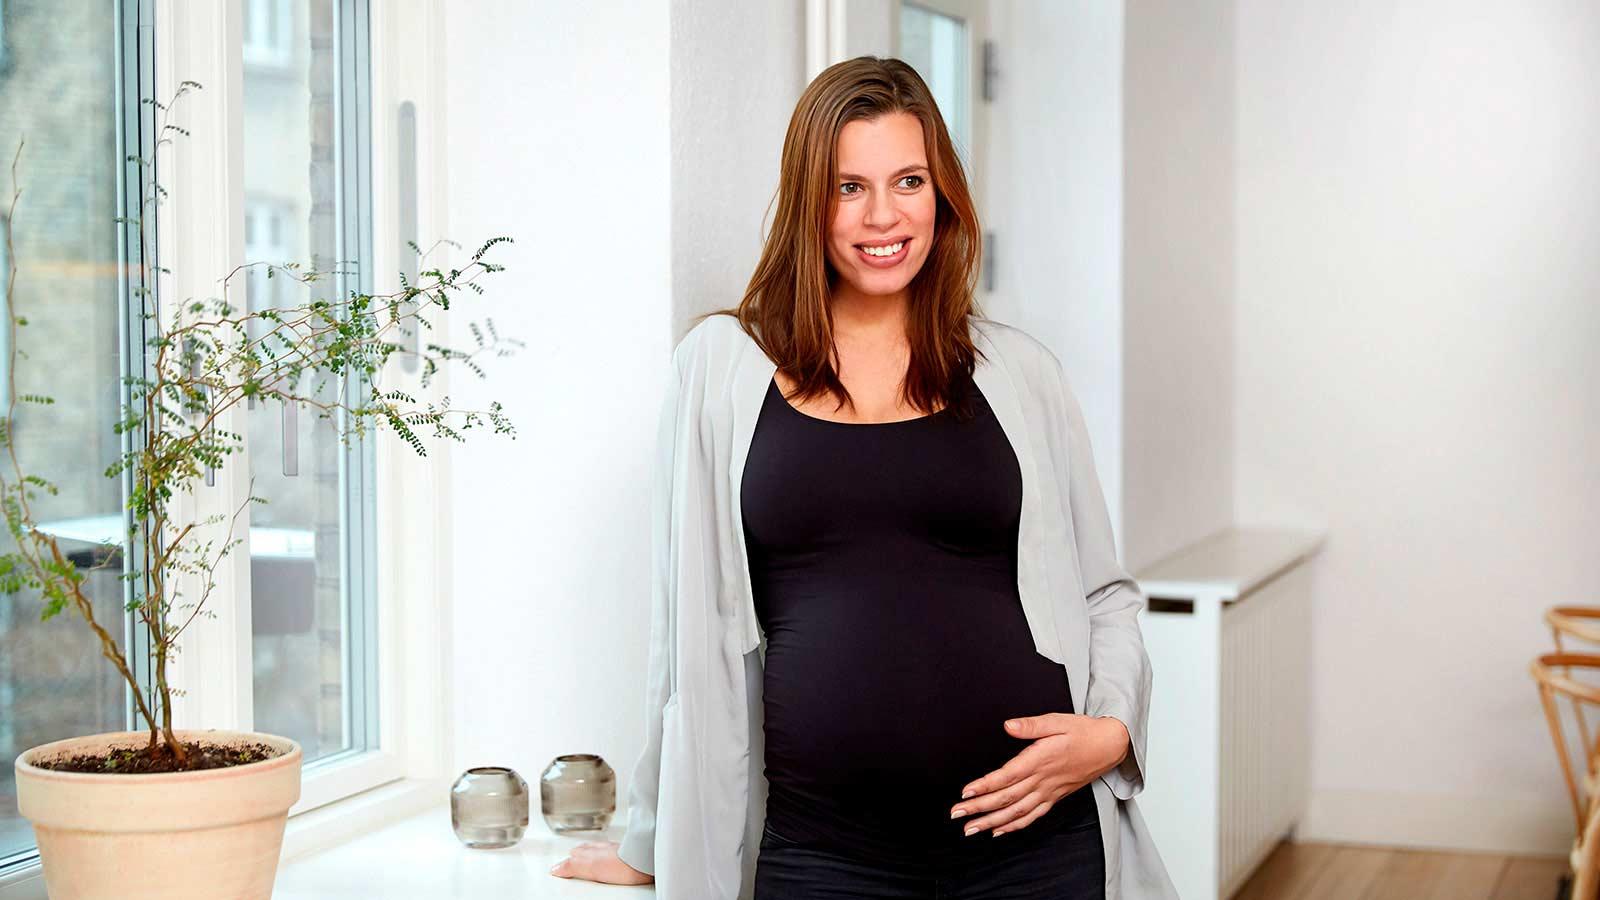 一位孕妇通过使用捐献者精子实现了生育的梦想